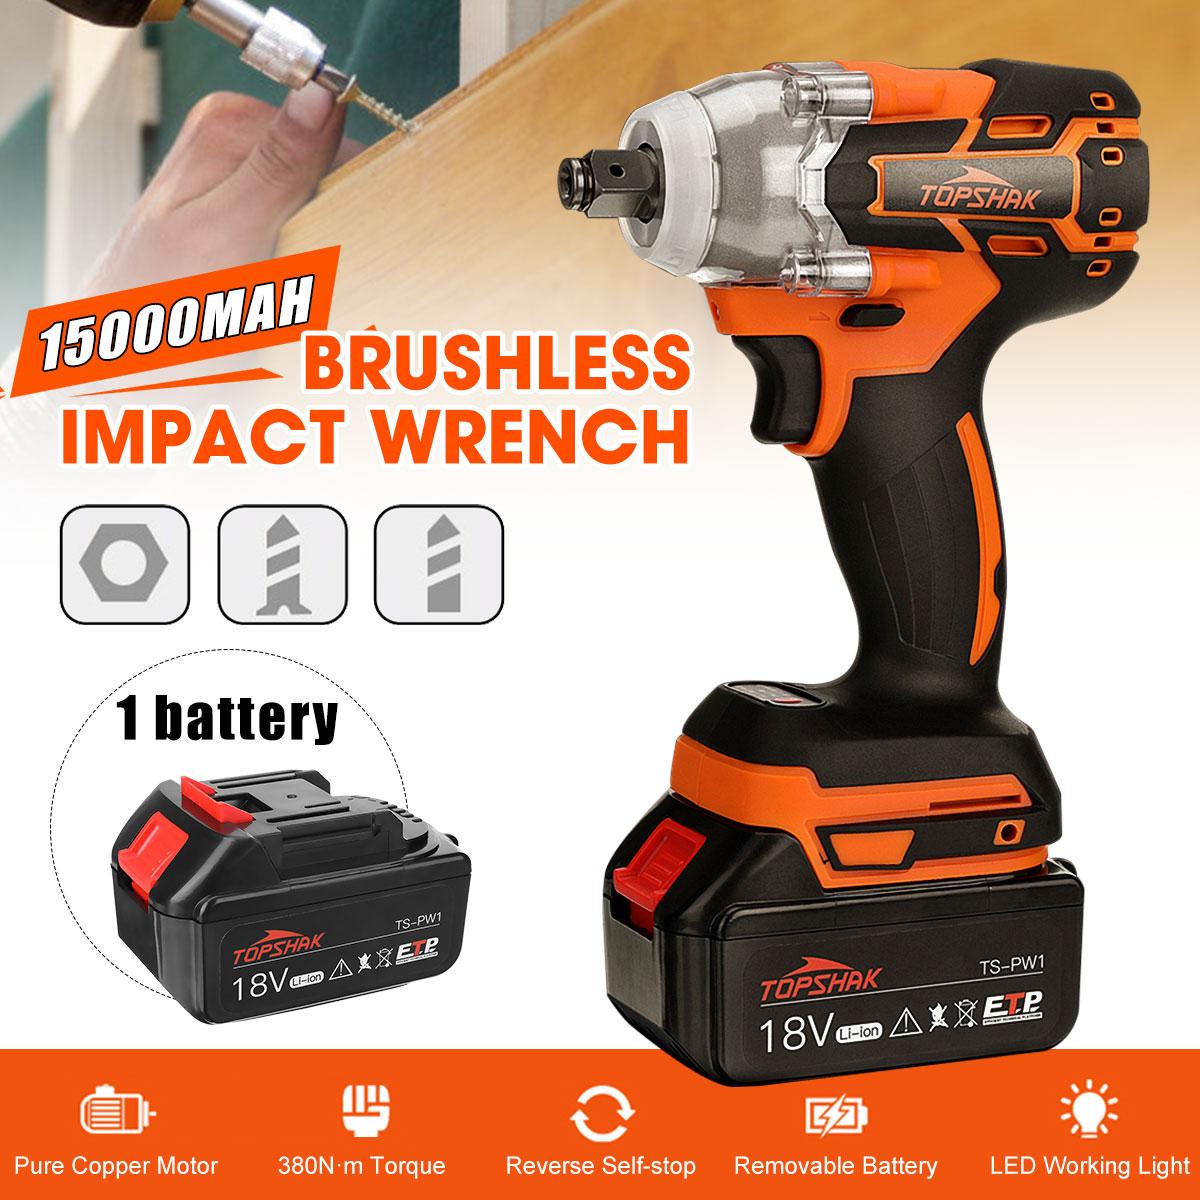 Chave de Impacto Elétrica sem Fio Recarregável com Ferramentas Elétricas da Bateria Topshak Mbrrushless 15000mah Ts-pw1 380n. Led